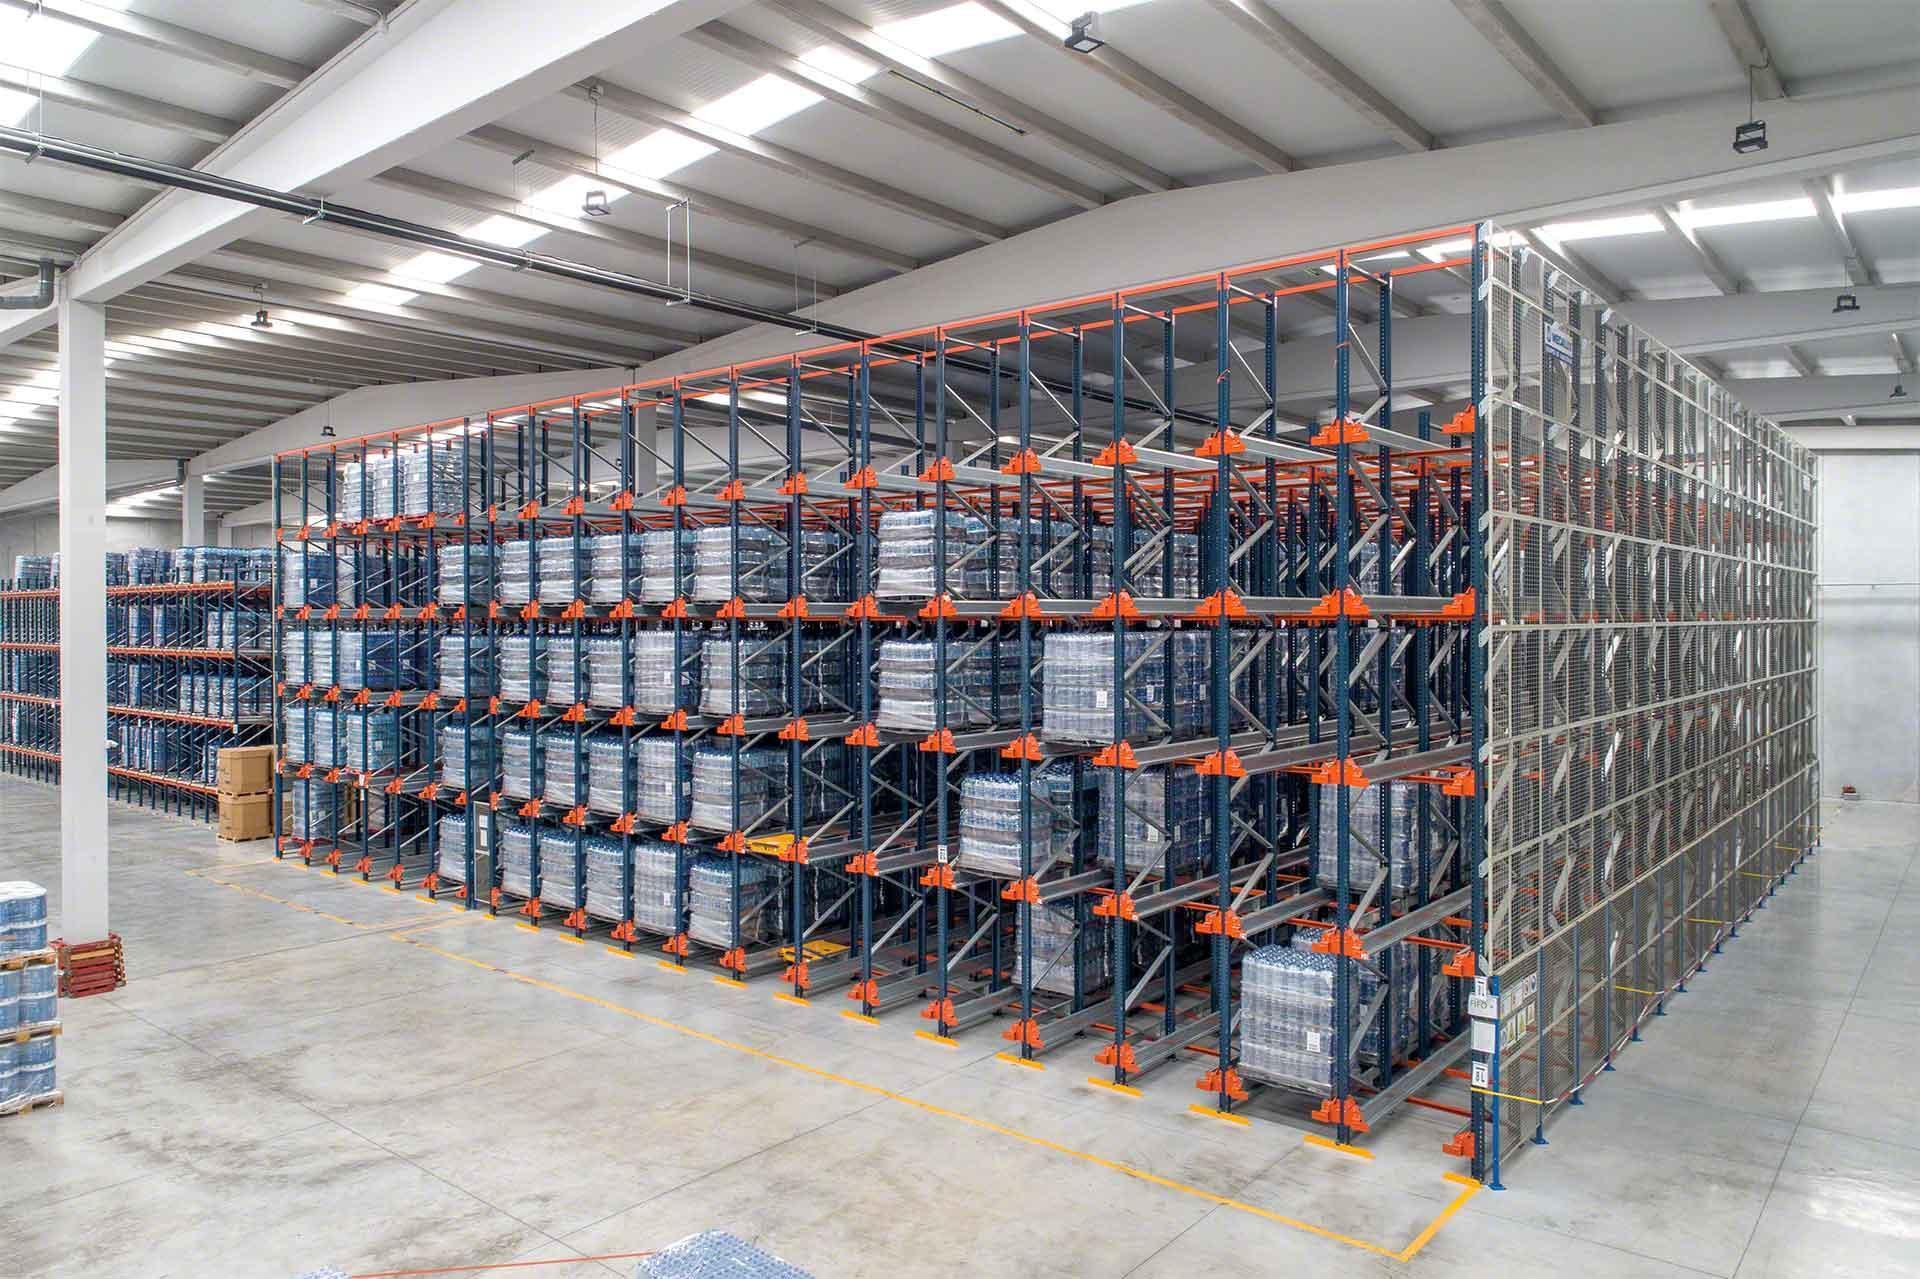 La mayoría de sistemas de almacenamiento compacto funcionan con el criterio FIFO